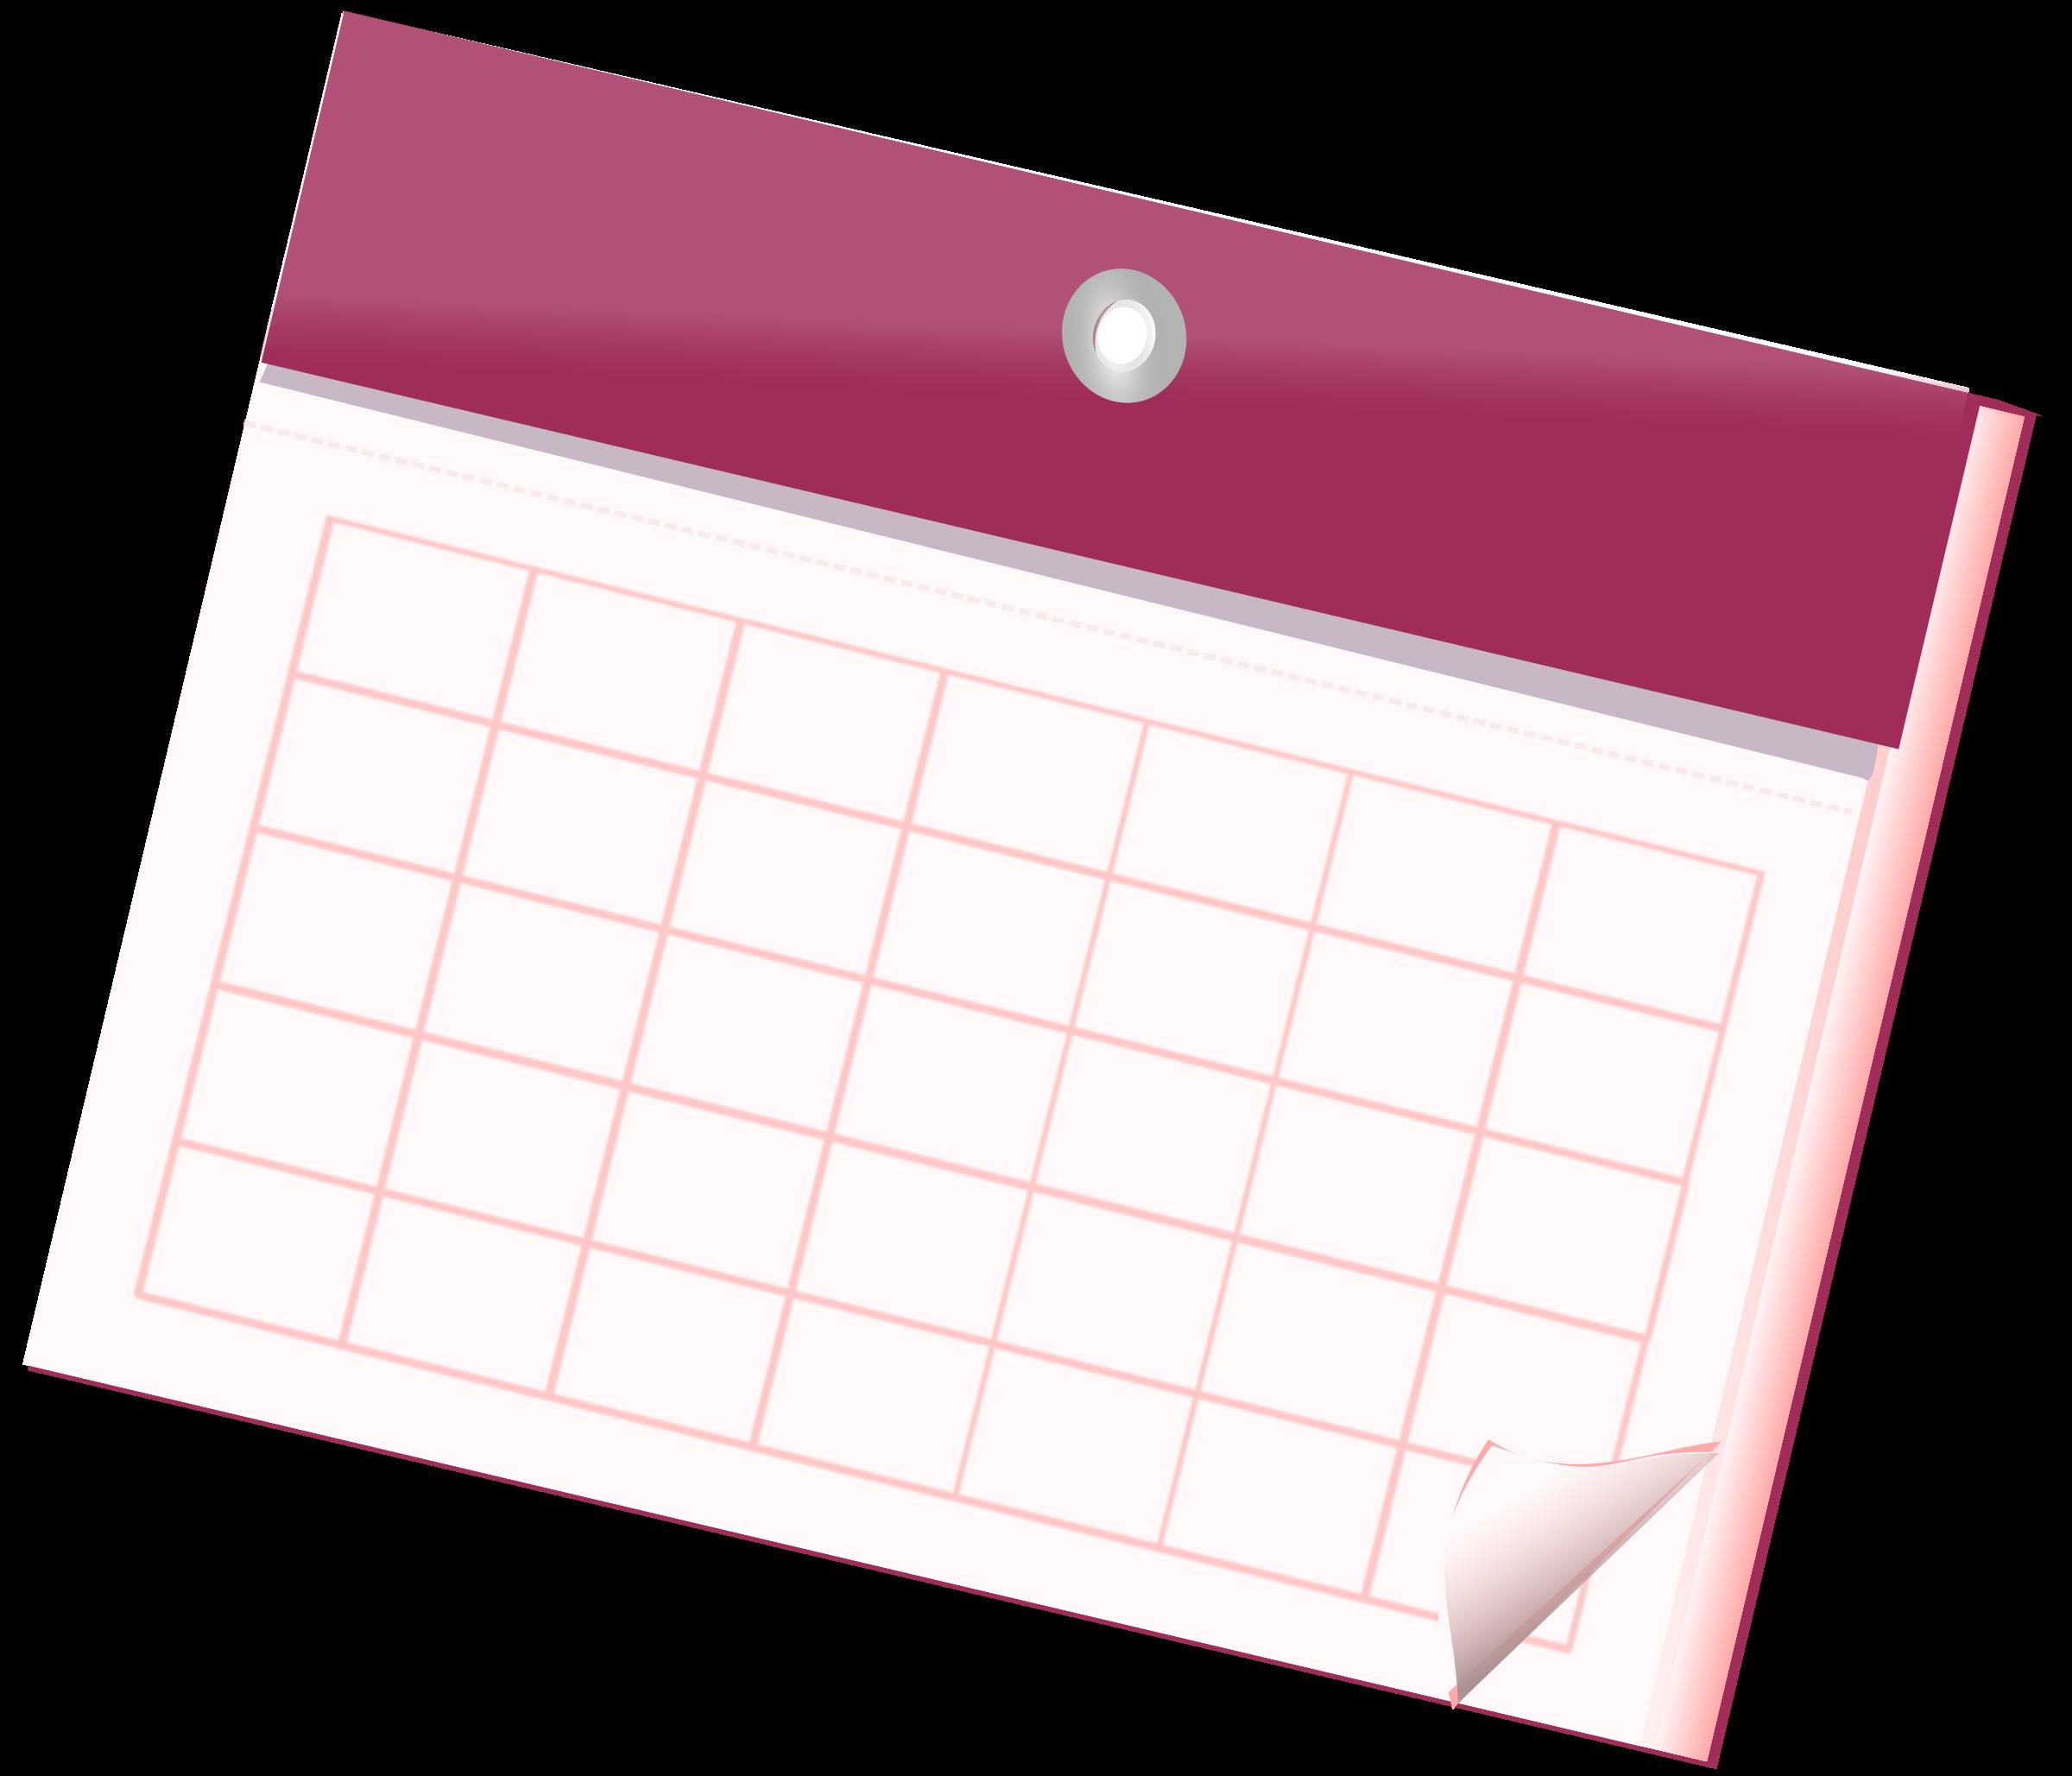 Empty Calendar Sheet by Nizips